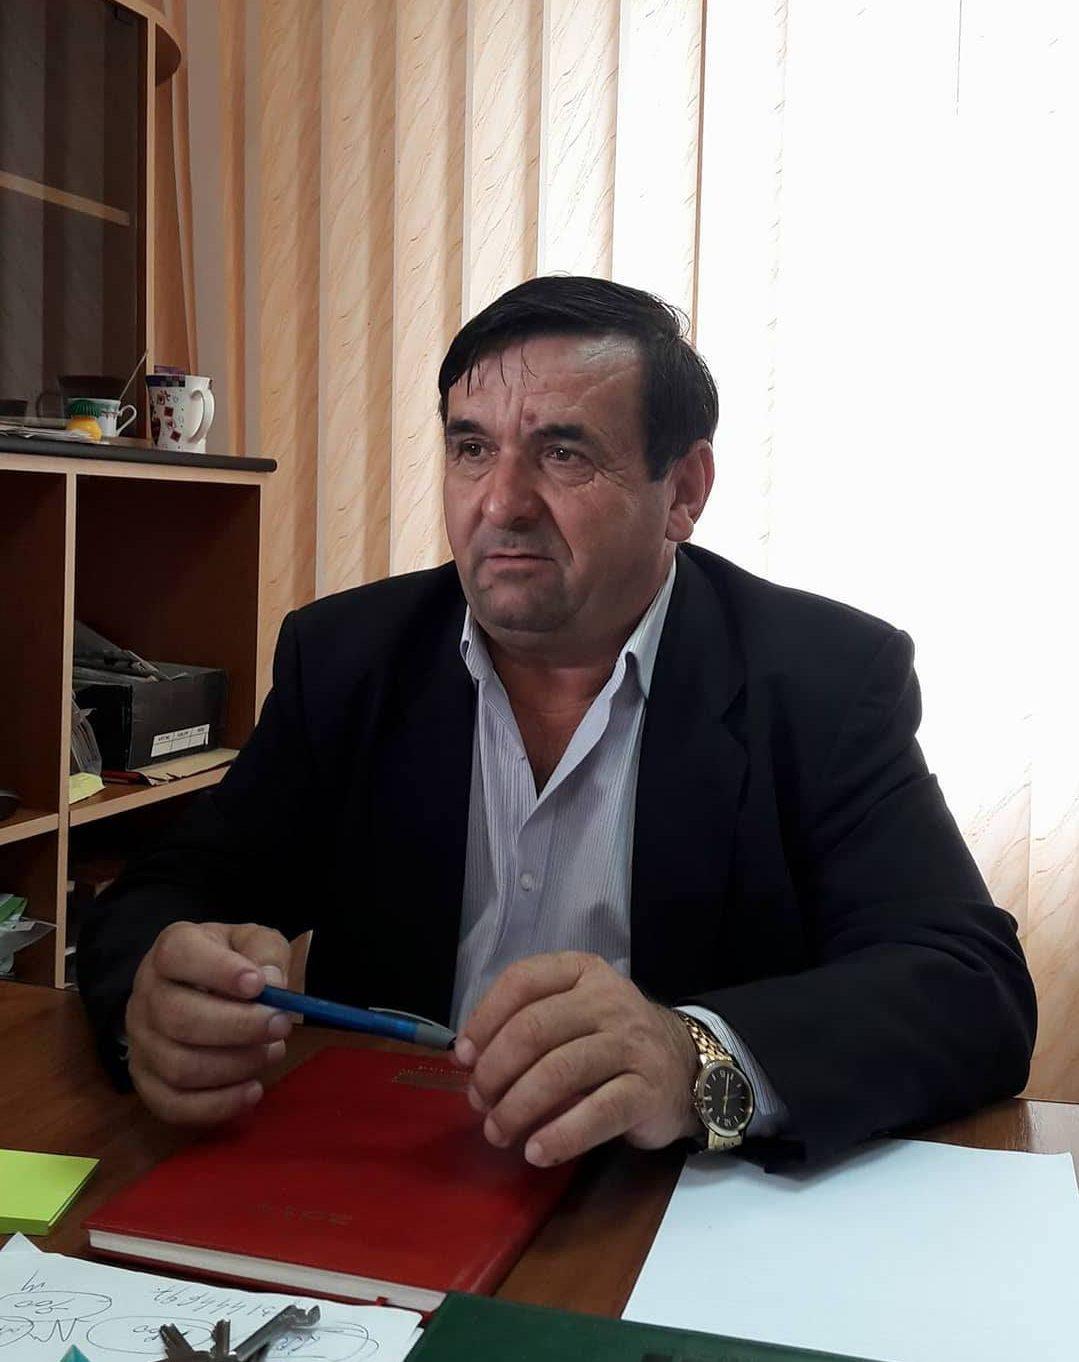 """Dumitru Blejan: """"Programul PSD a adus creştere economică şi bunăstare în rândul cetăţenilor"""""""